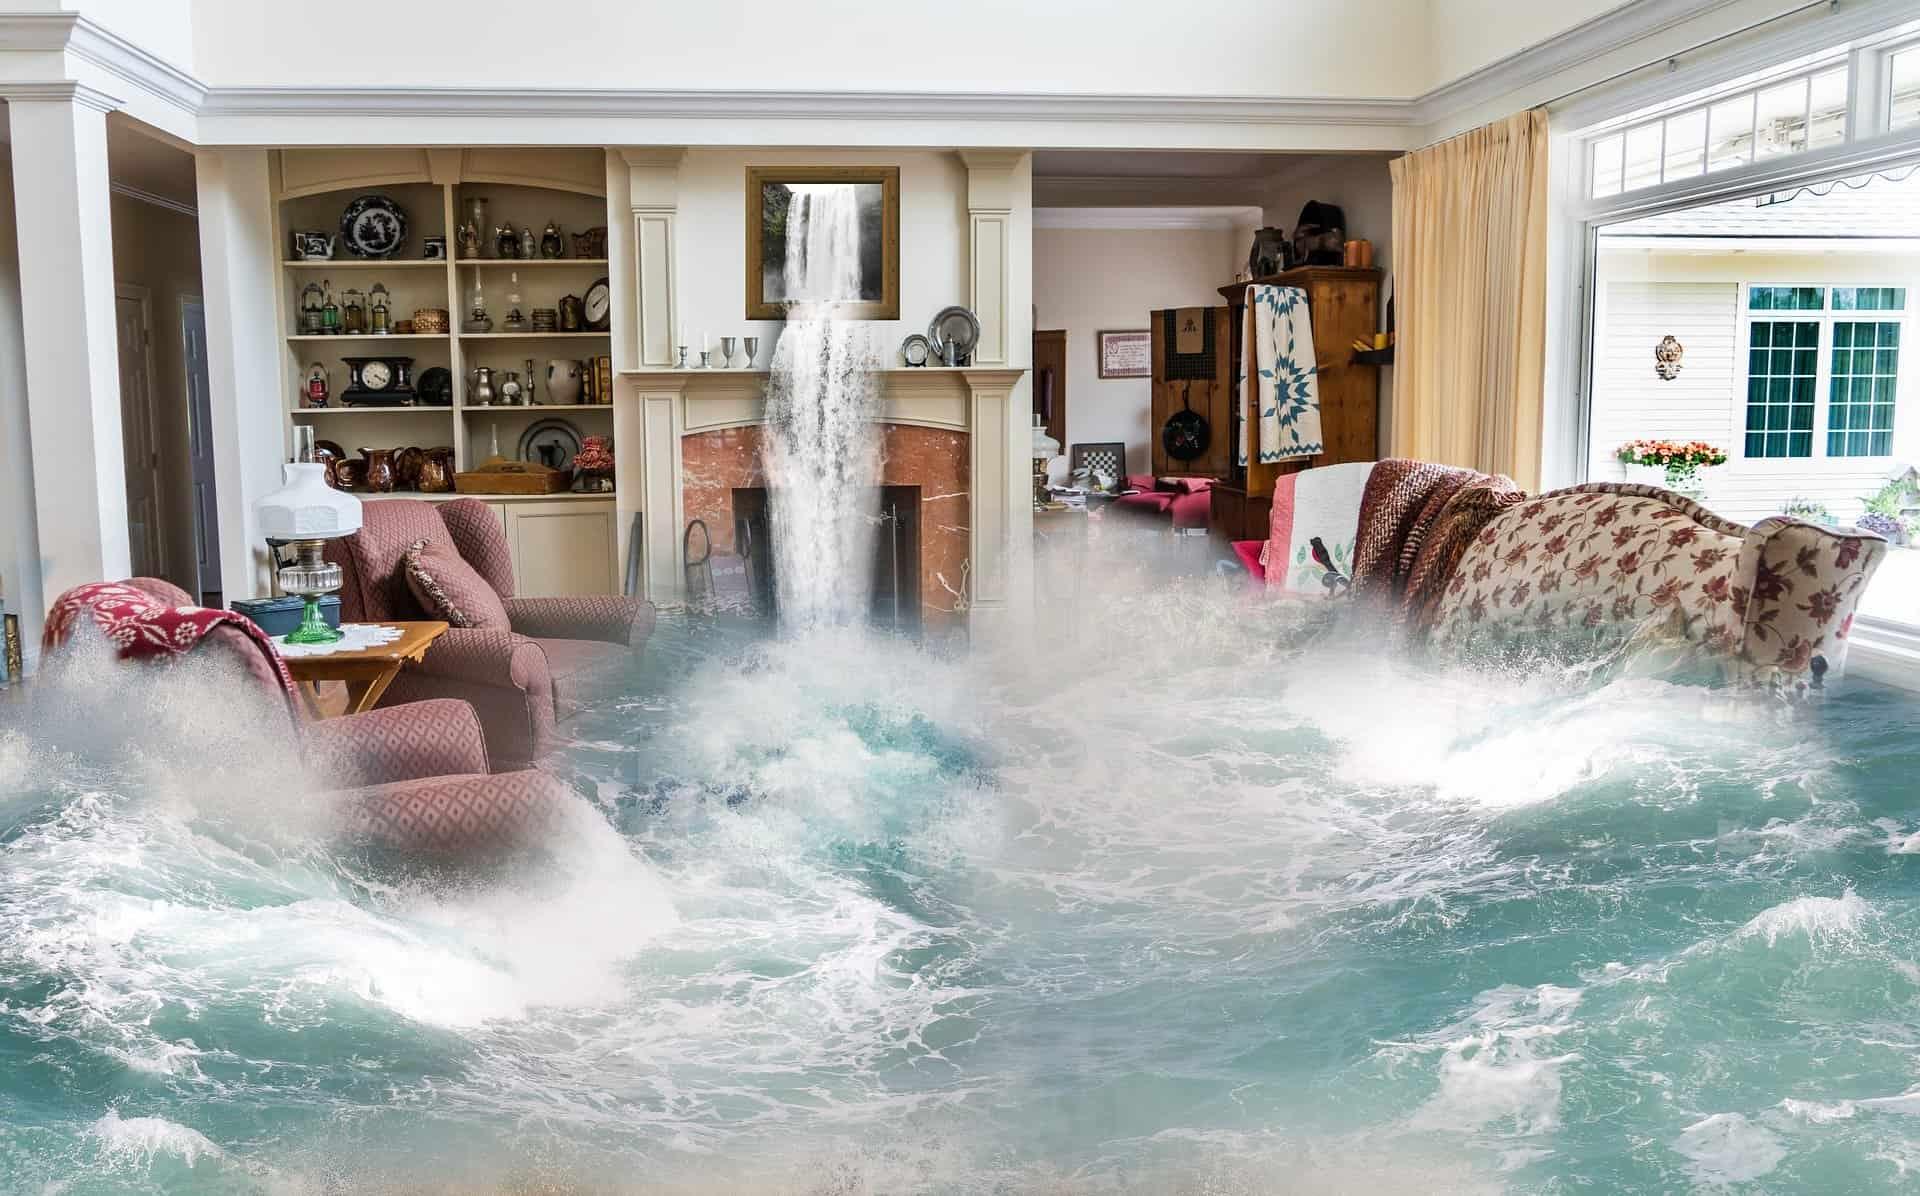 überschwemmungen surreal wohnzimmer design fantasie